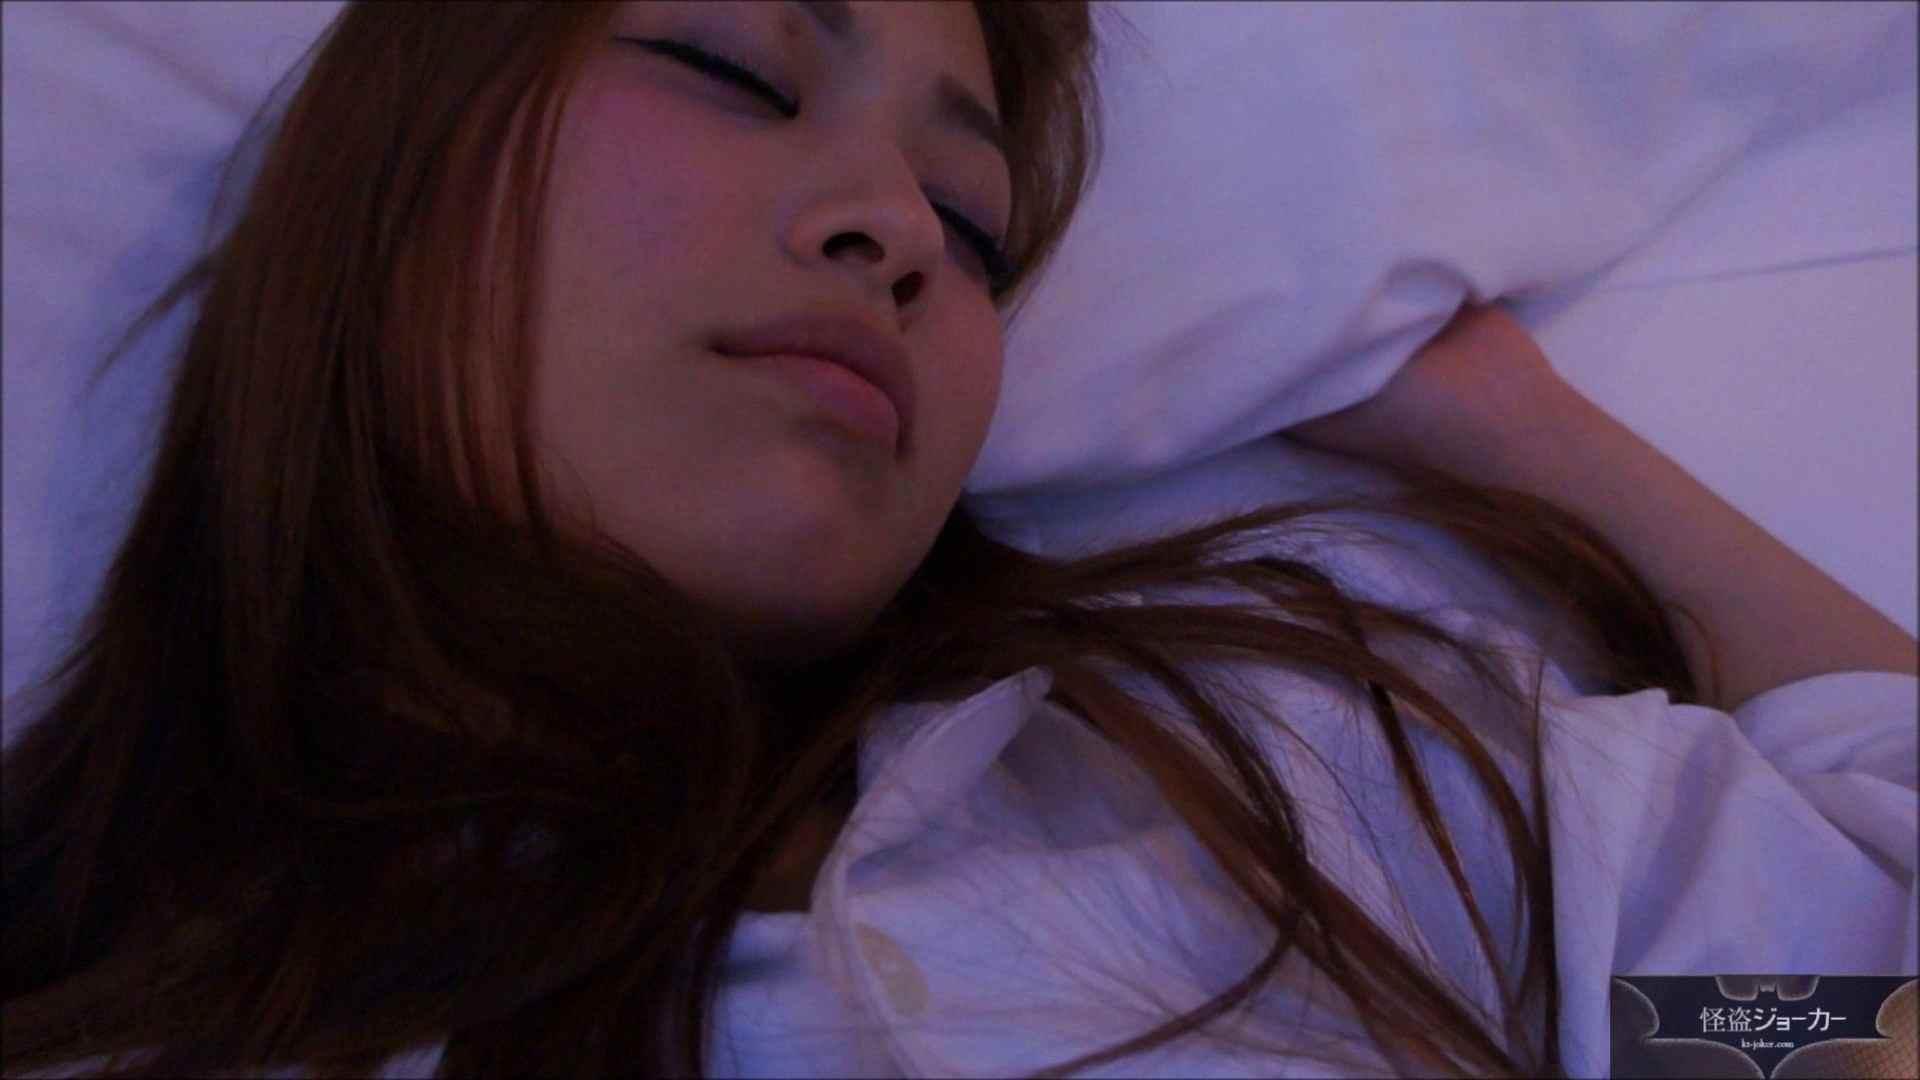 【未公開】vol.13 セレブ美魔女・ユキさんと初めて会った日。 OL  99pic 41